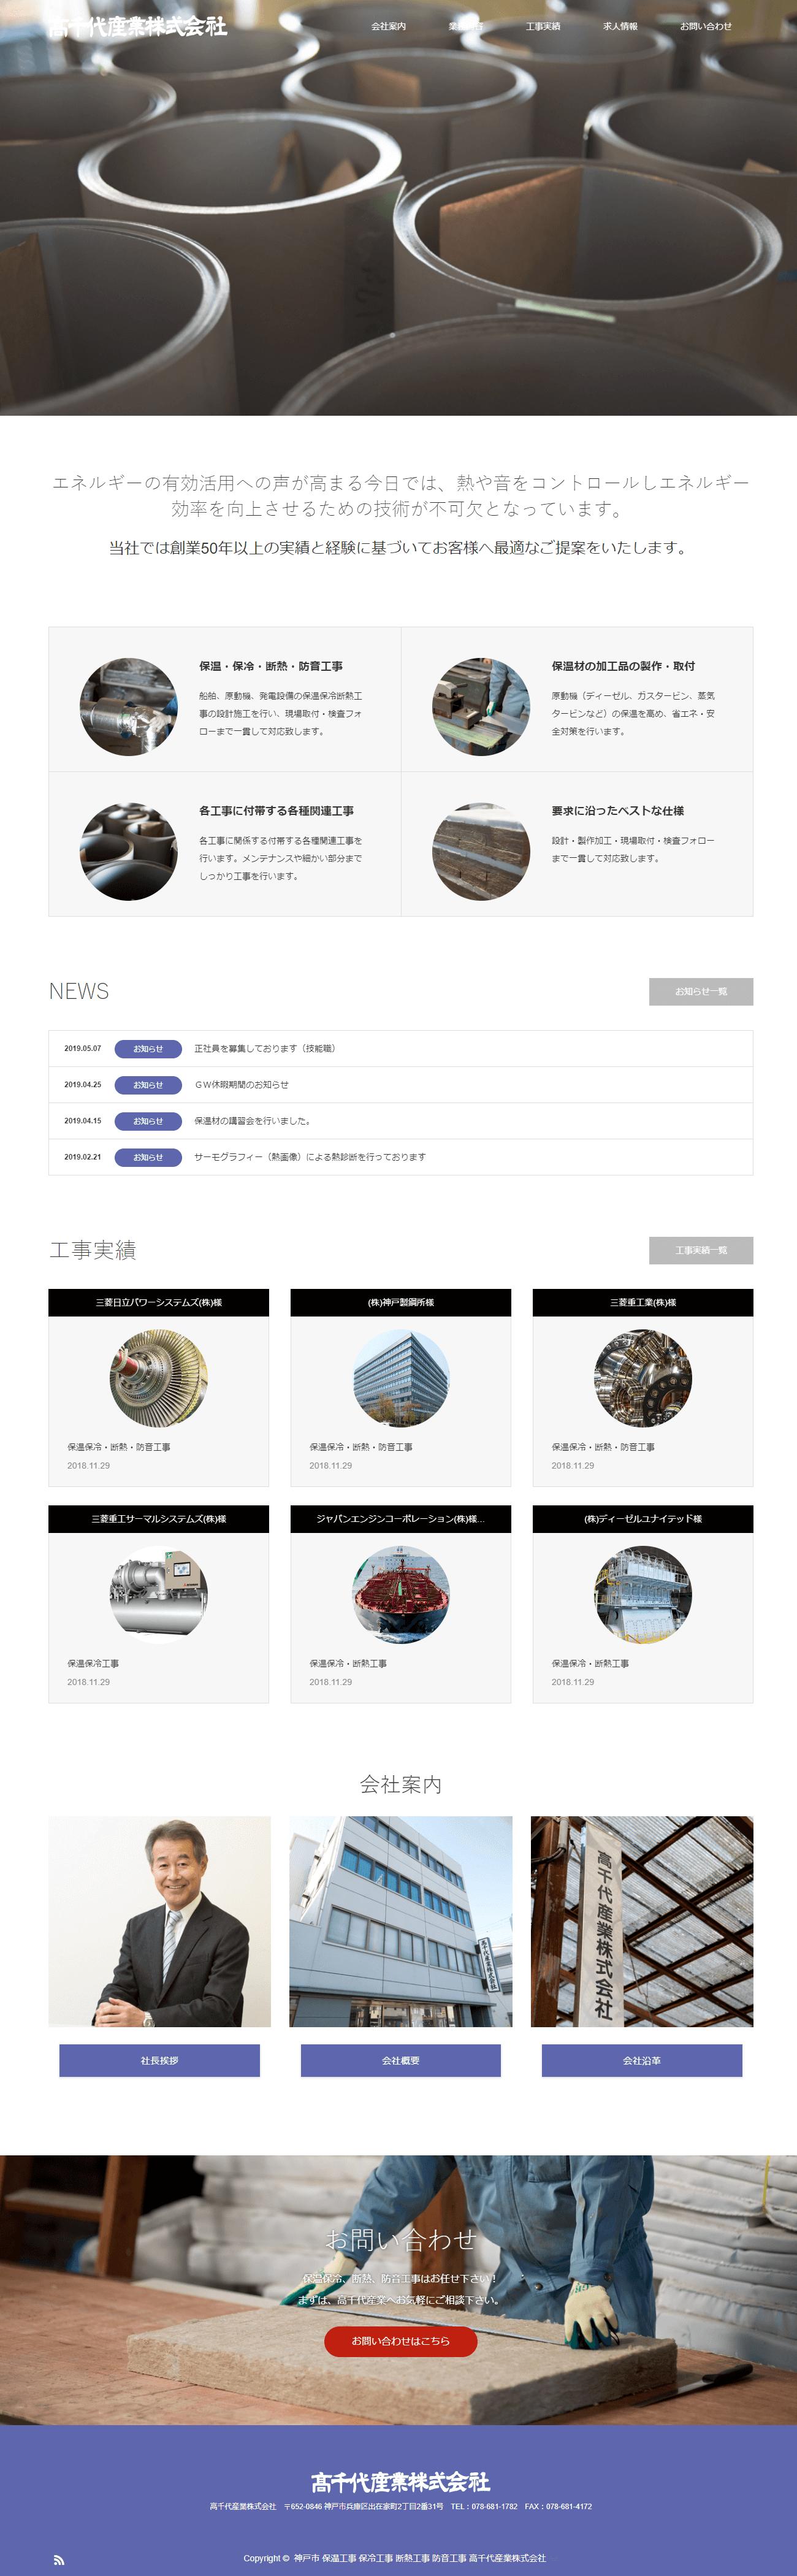 神戸市 高千代産業株式会社 ホームページ制作1